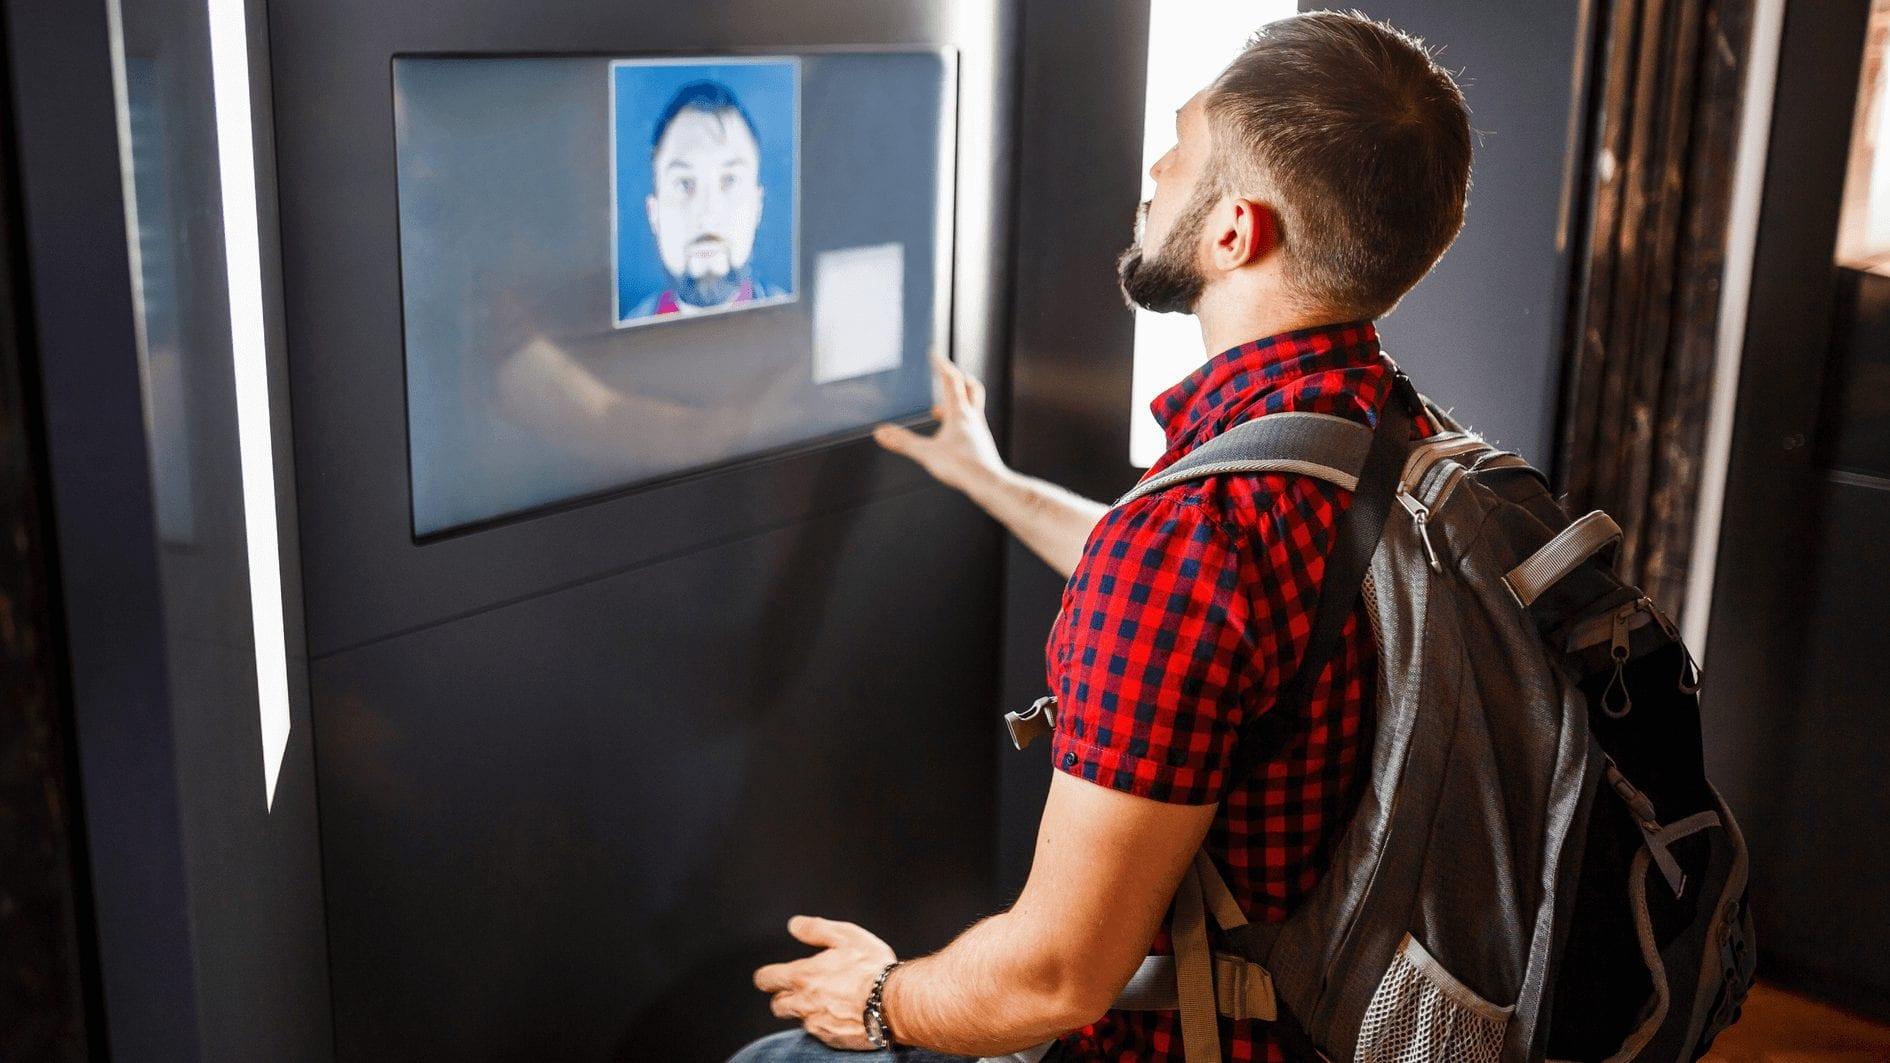 Face Recognition sebagai Cara Absensi Karyawan saat Pandemi, Tepatkah? Aplikasi Fingerprint Vs Absensi Online, Ini Kelebihan Kekurangannya!